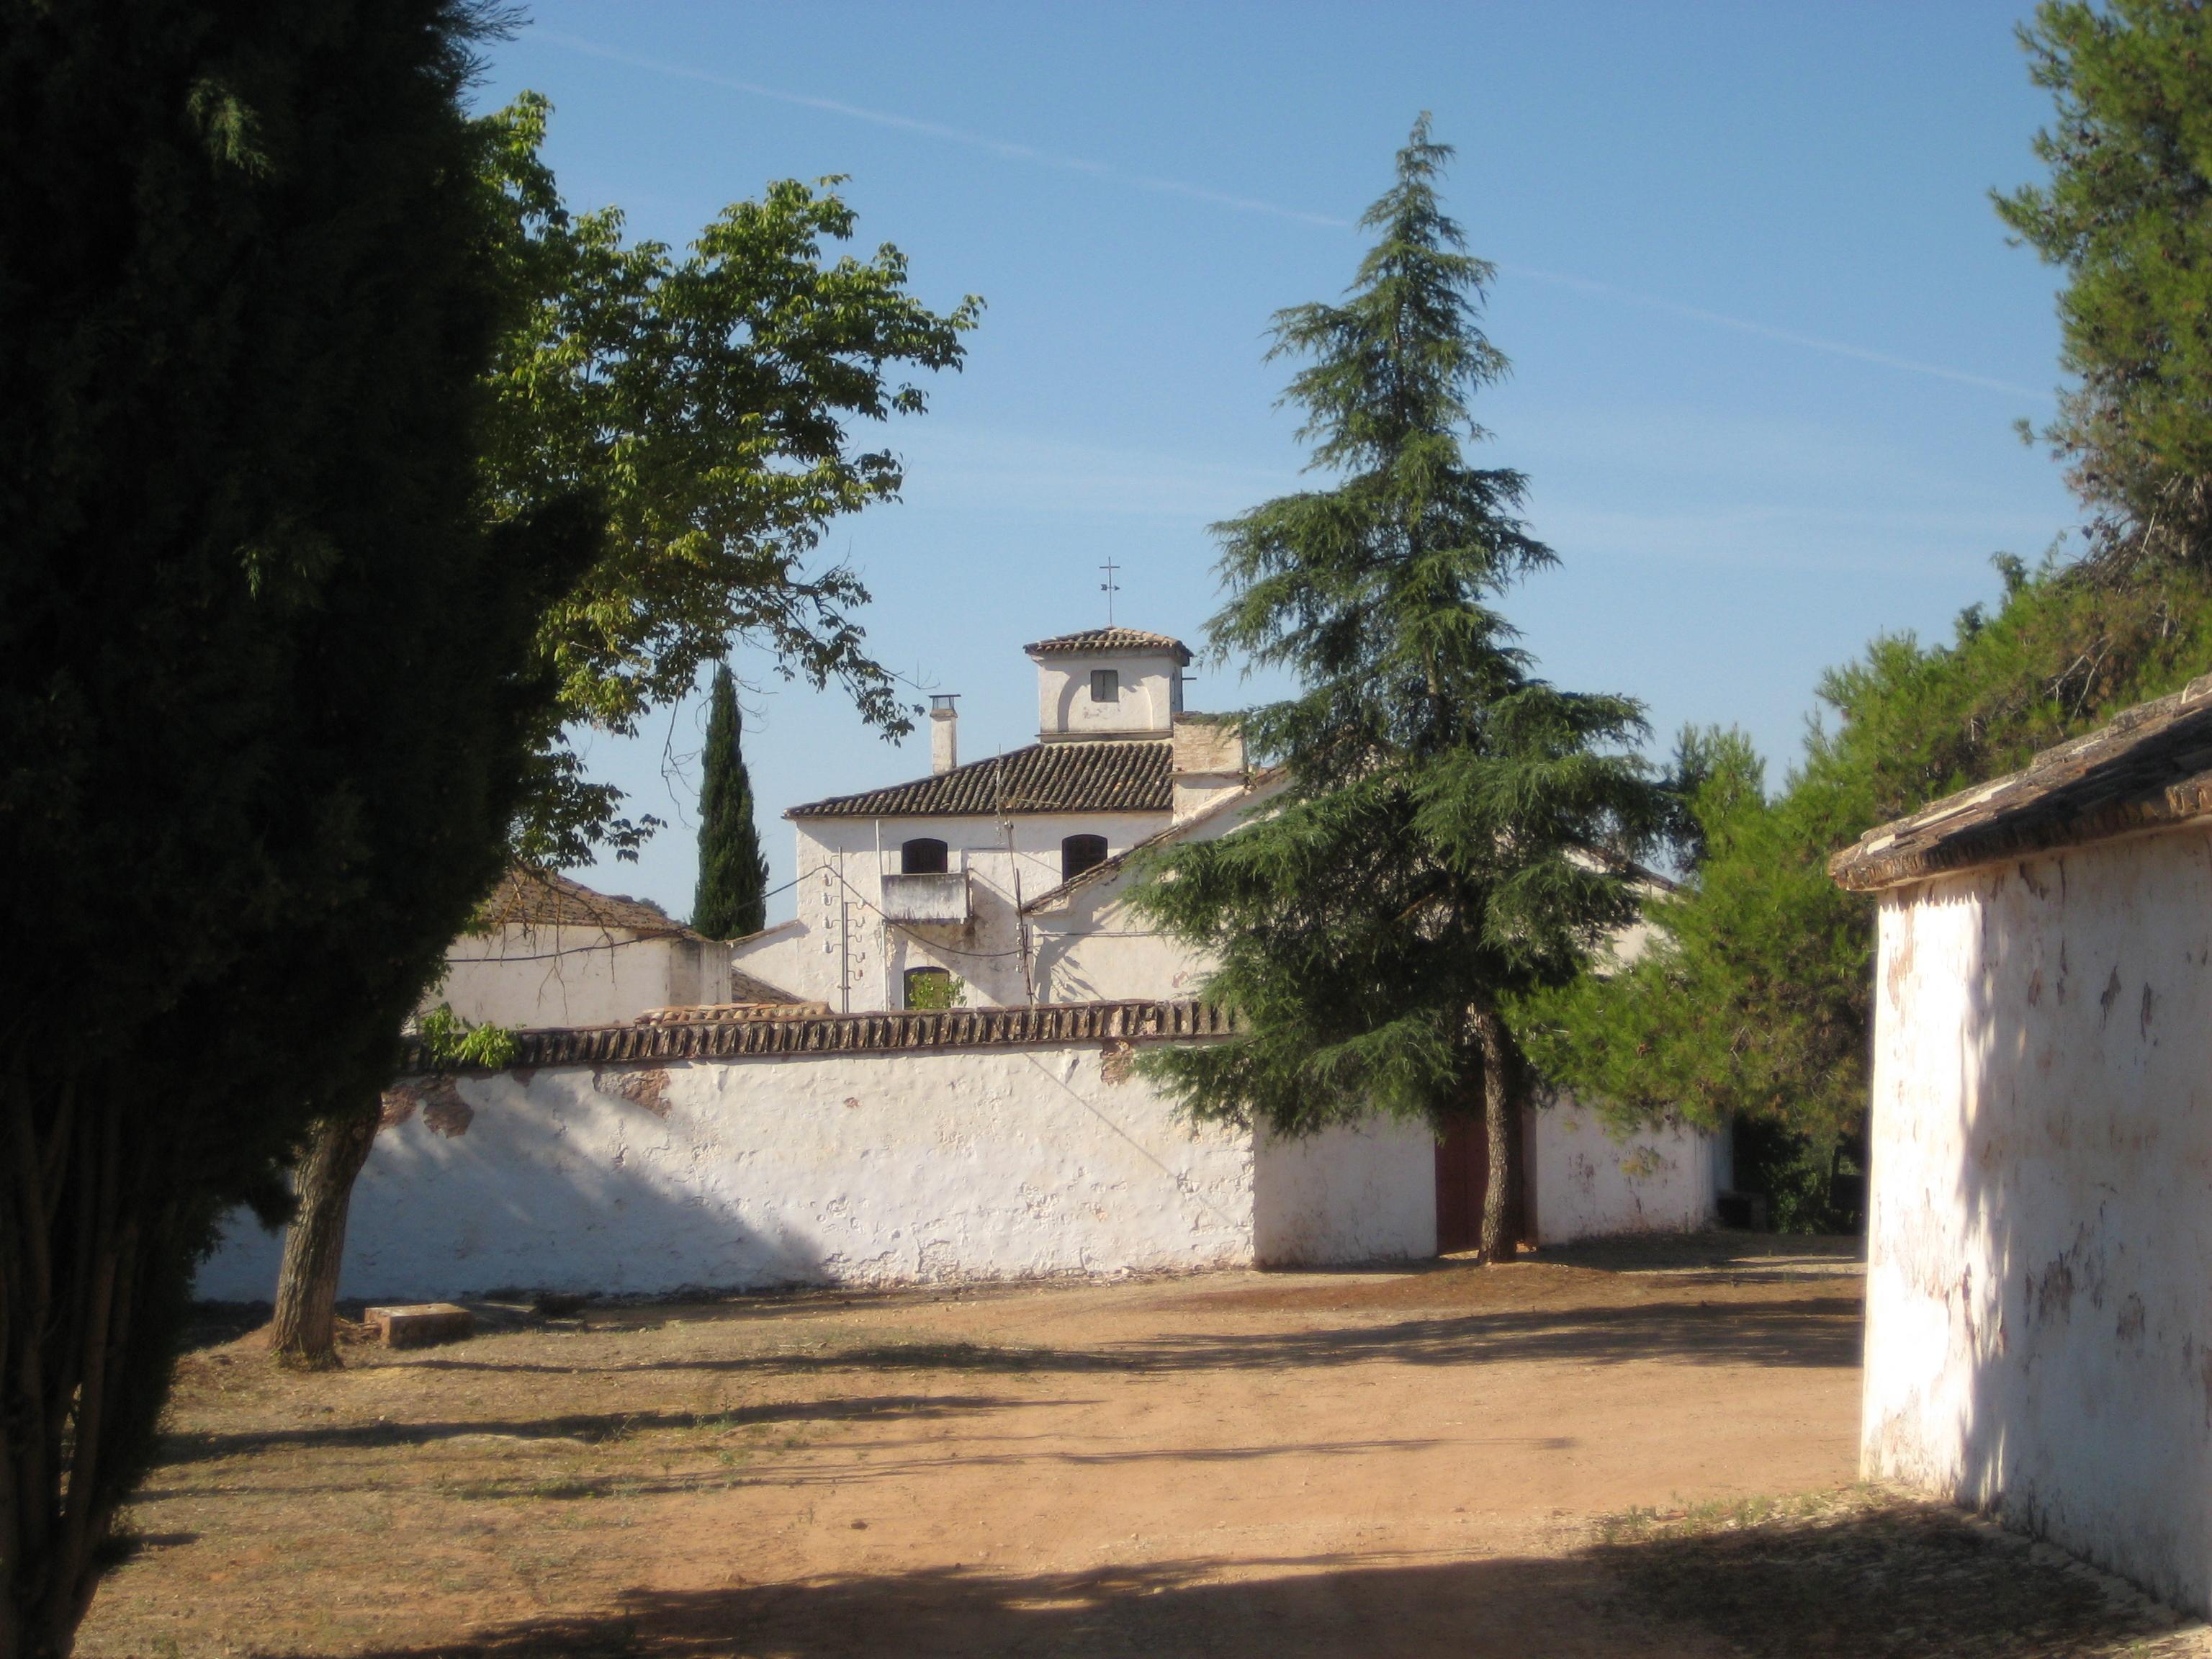 Proyecto de rehabilitaci n del cortijo los barrancos en - Arquitectos en ubeda ...